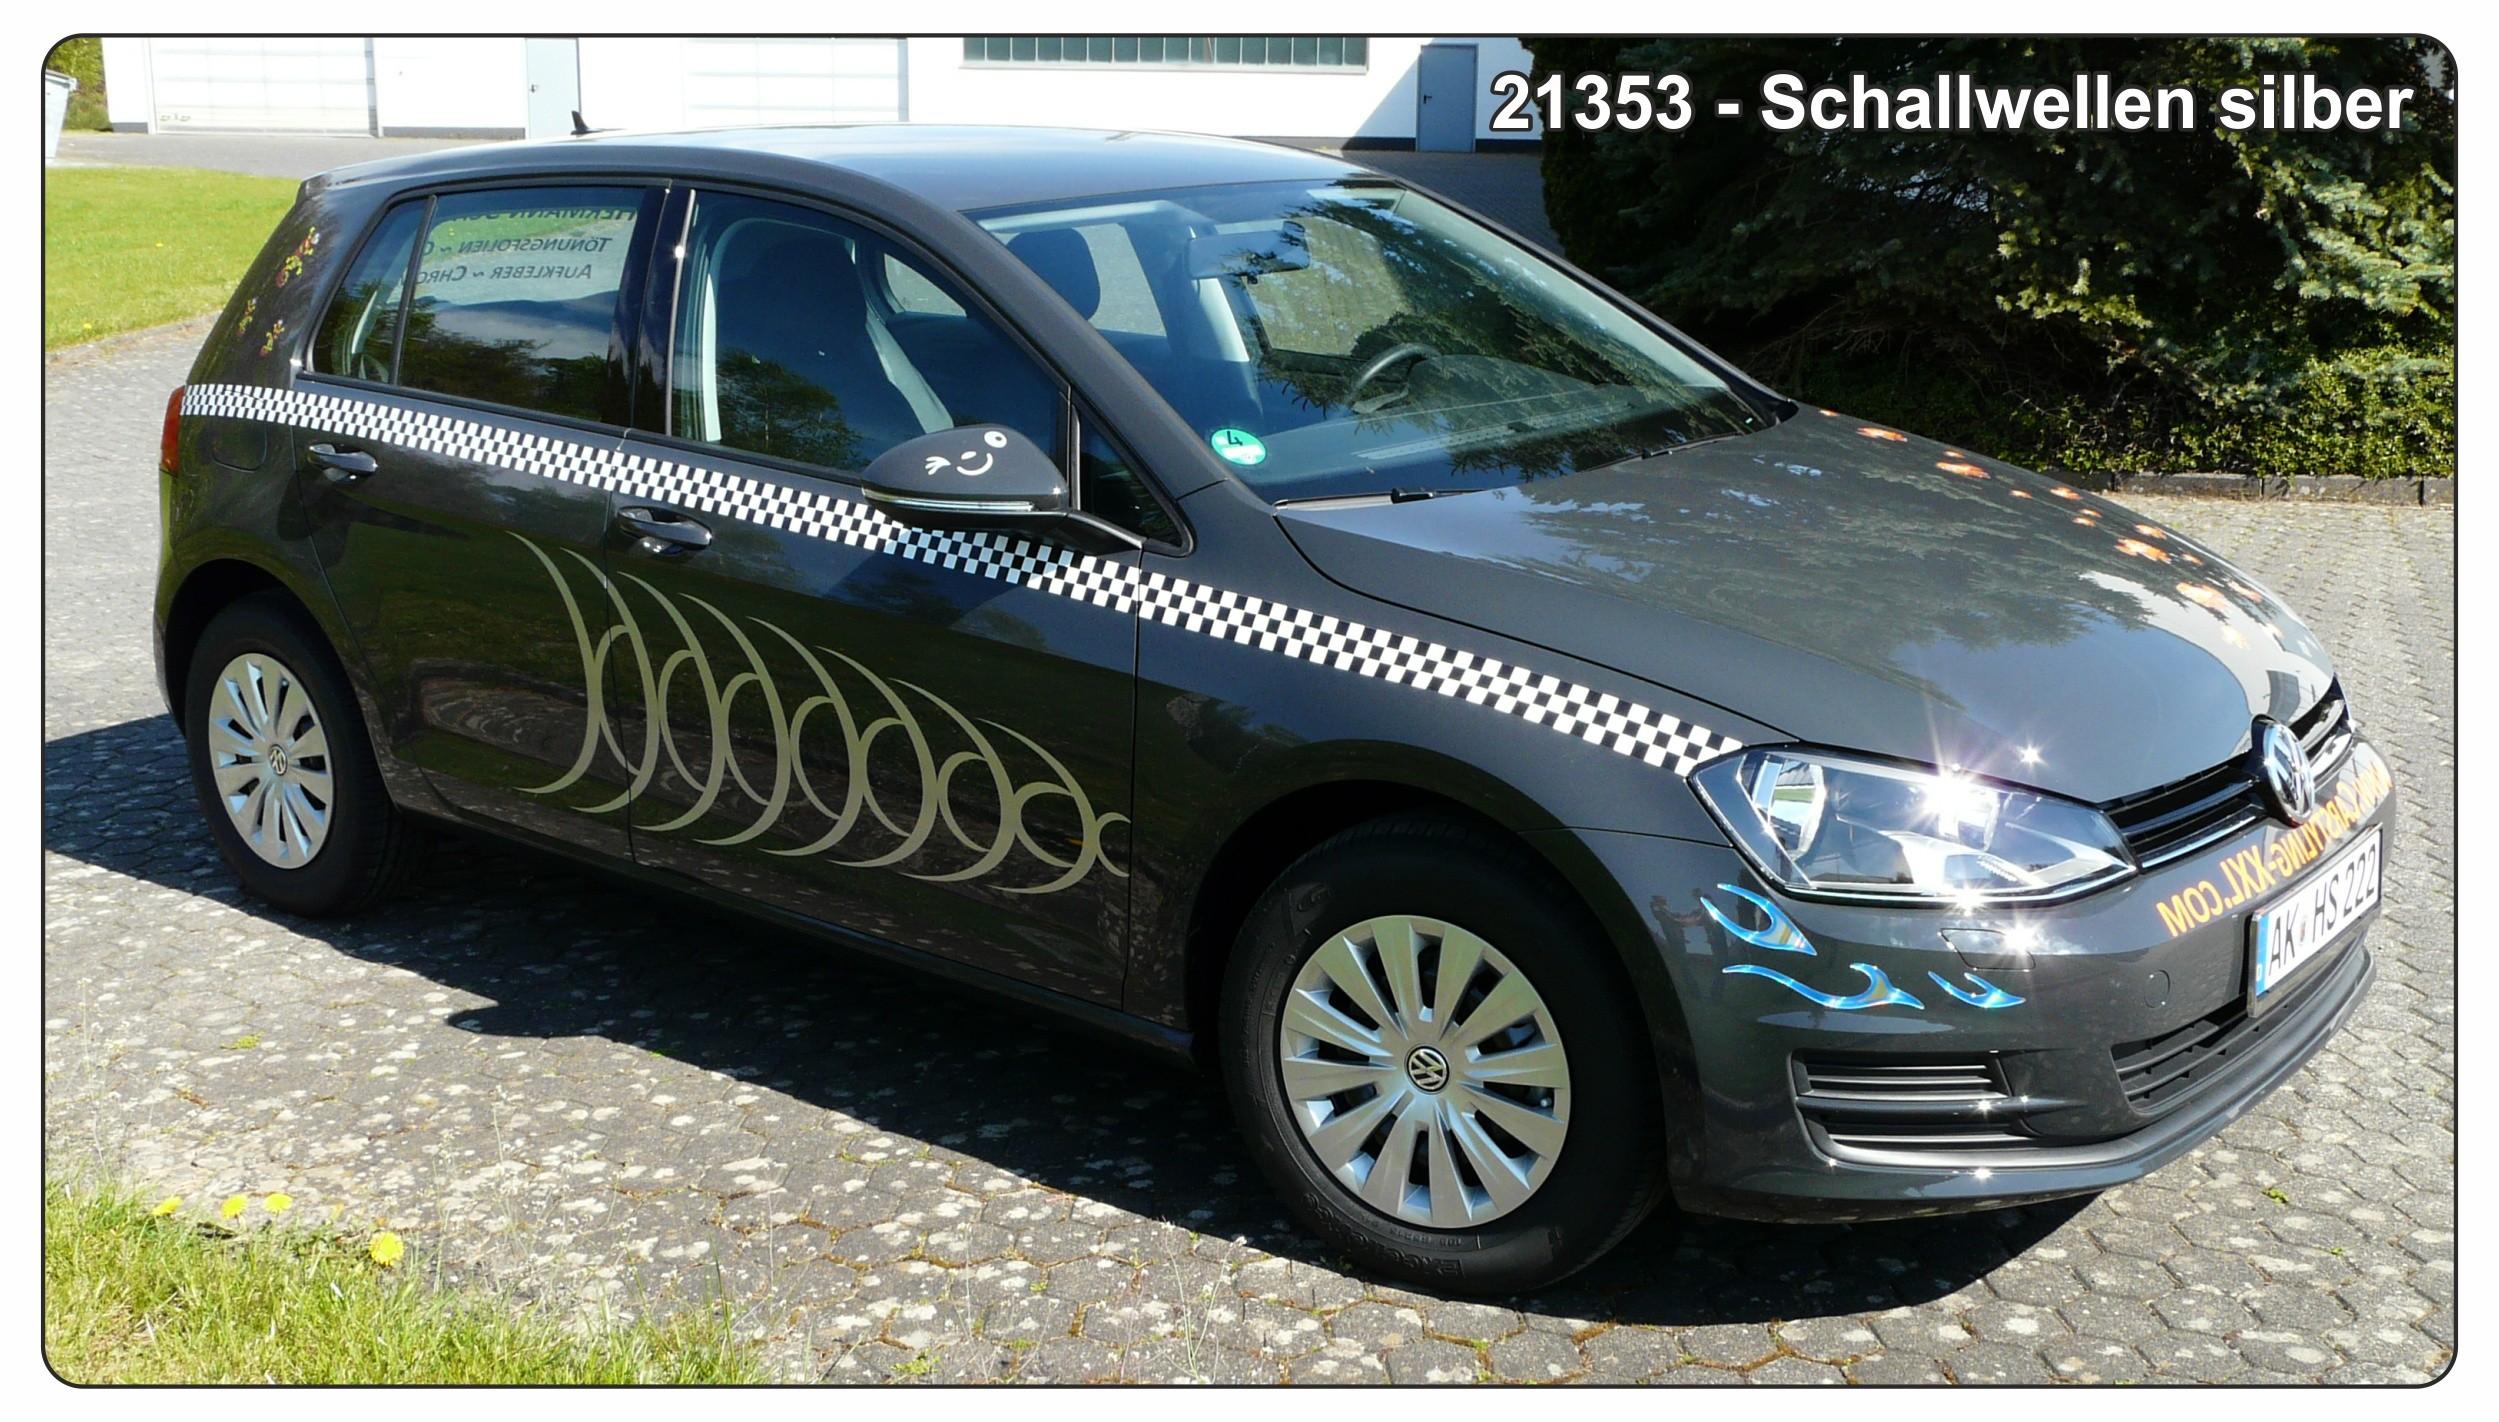 Car-Tattoo Schallwellen 1360 x 425 mm silber – Bild 4